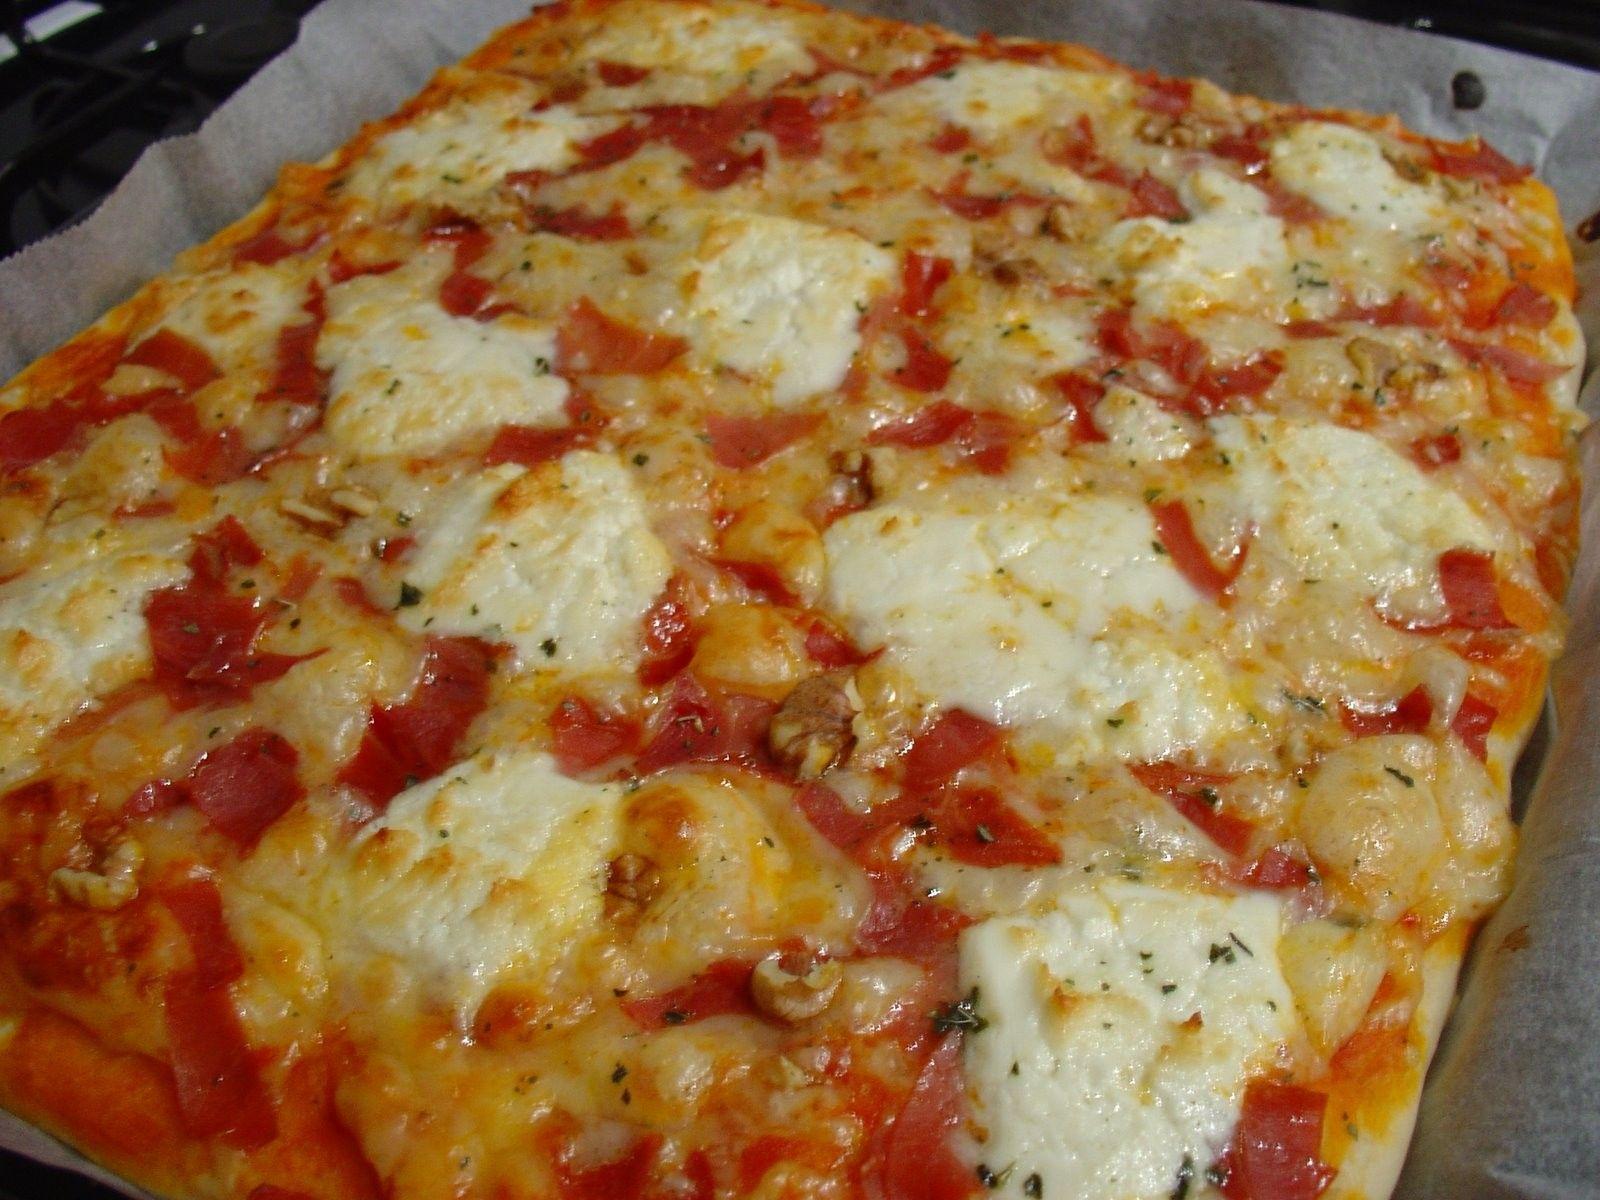 Pizza De Queso De Cabra Receta Con Imagenes Pizza De Queso